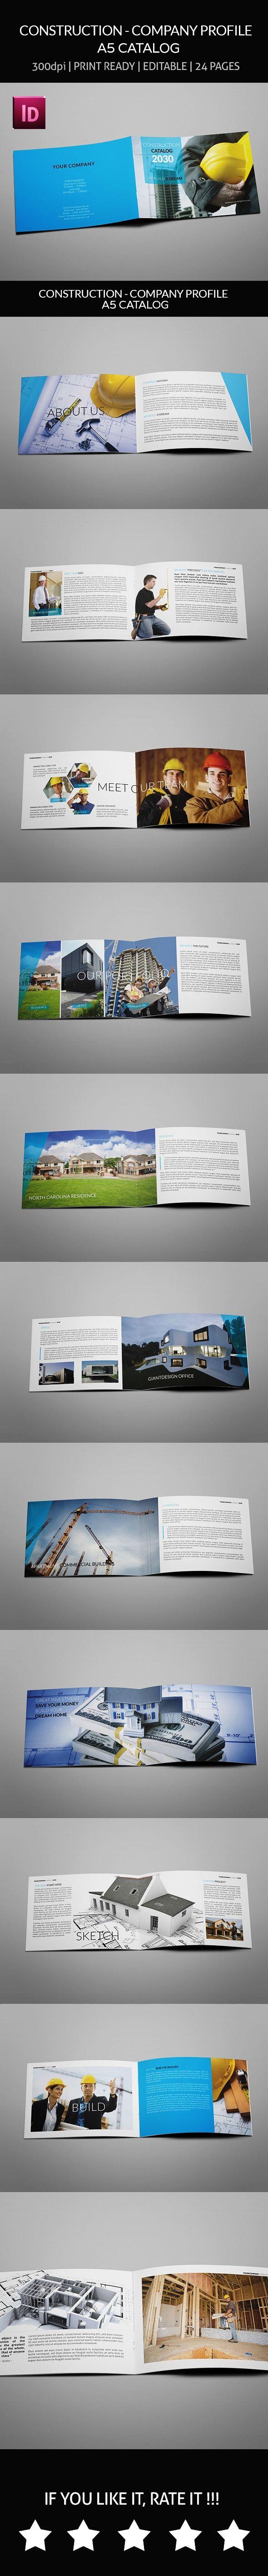 Company Profile Real Estate Properti - Construction - Company Profile A5 Catalog